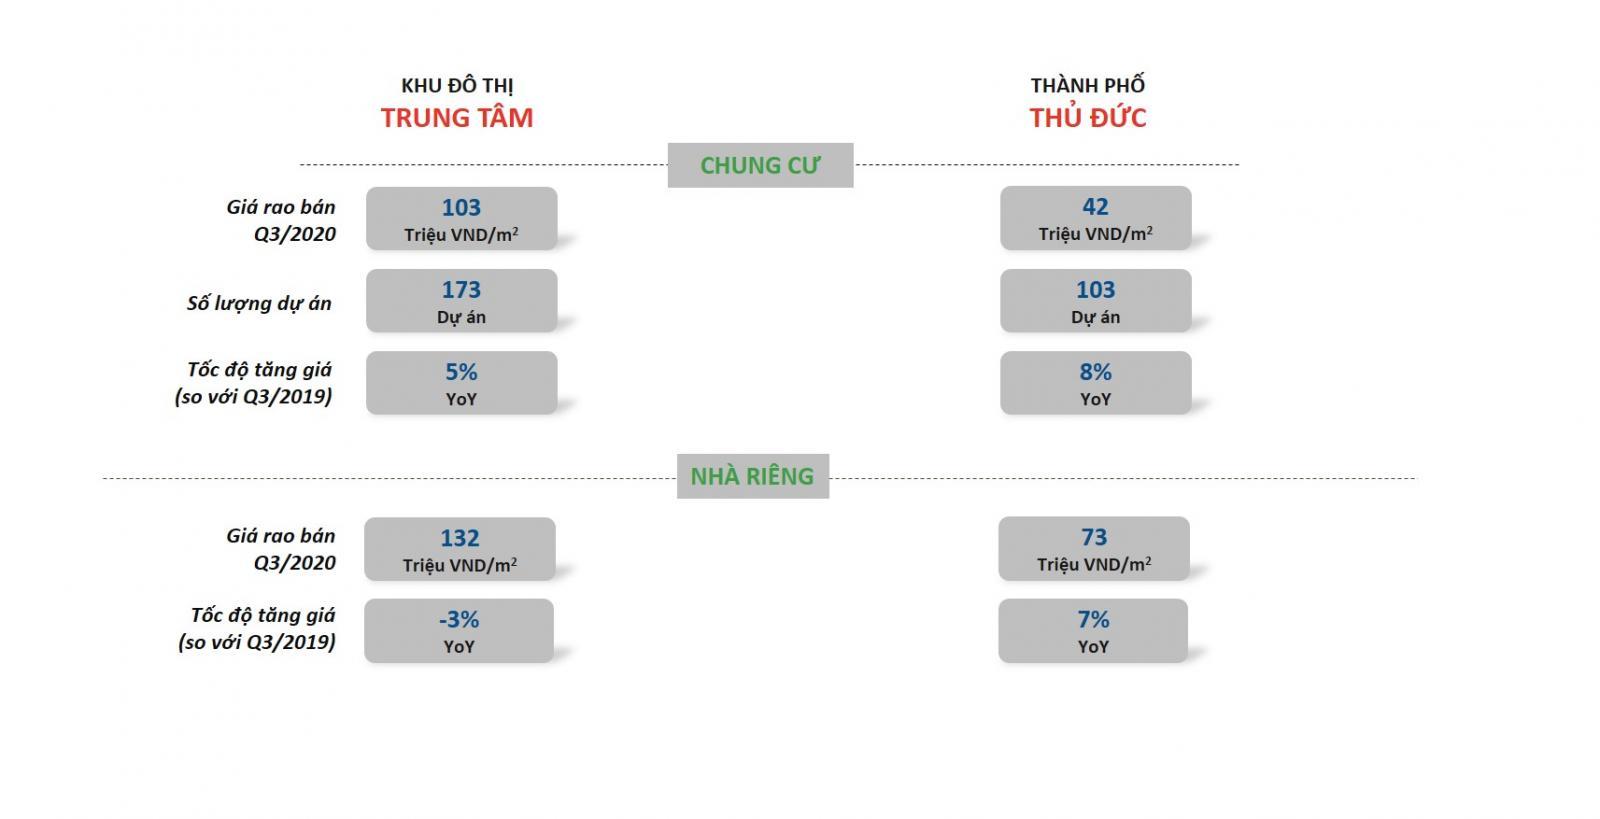 Khu Đông hiện là khu vực có cả nhu cầu giao dịch và biên độ tăng giá nhà cao nhất thị trường TP.HCM.